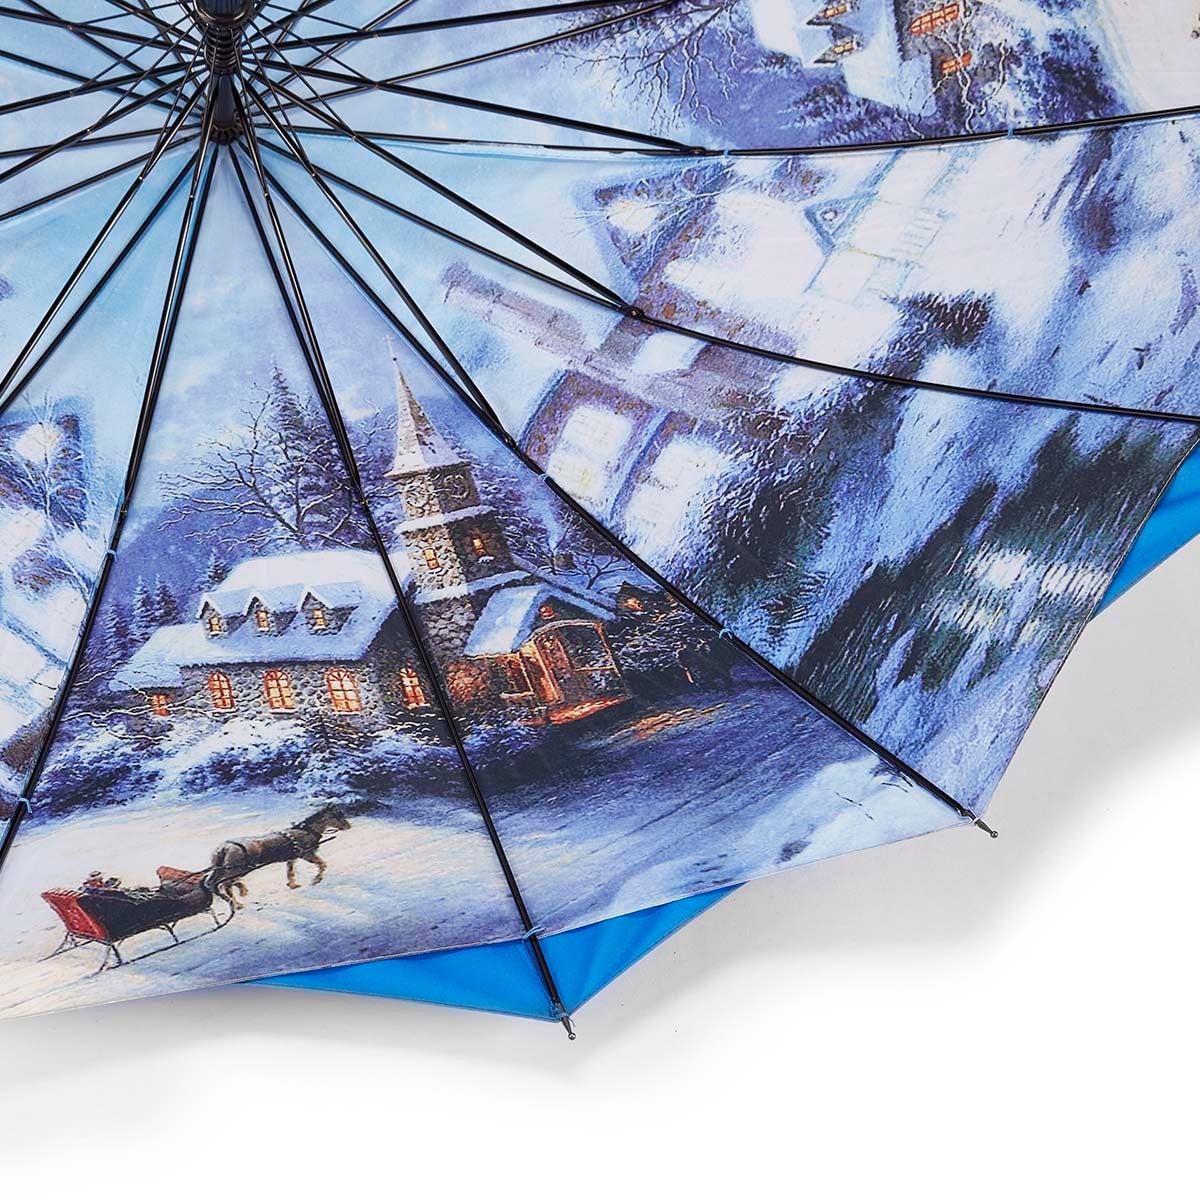 Parapluie Austin House Panel Stick, bleu